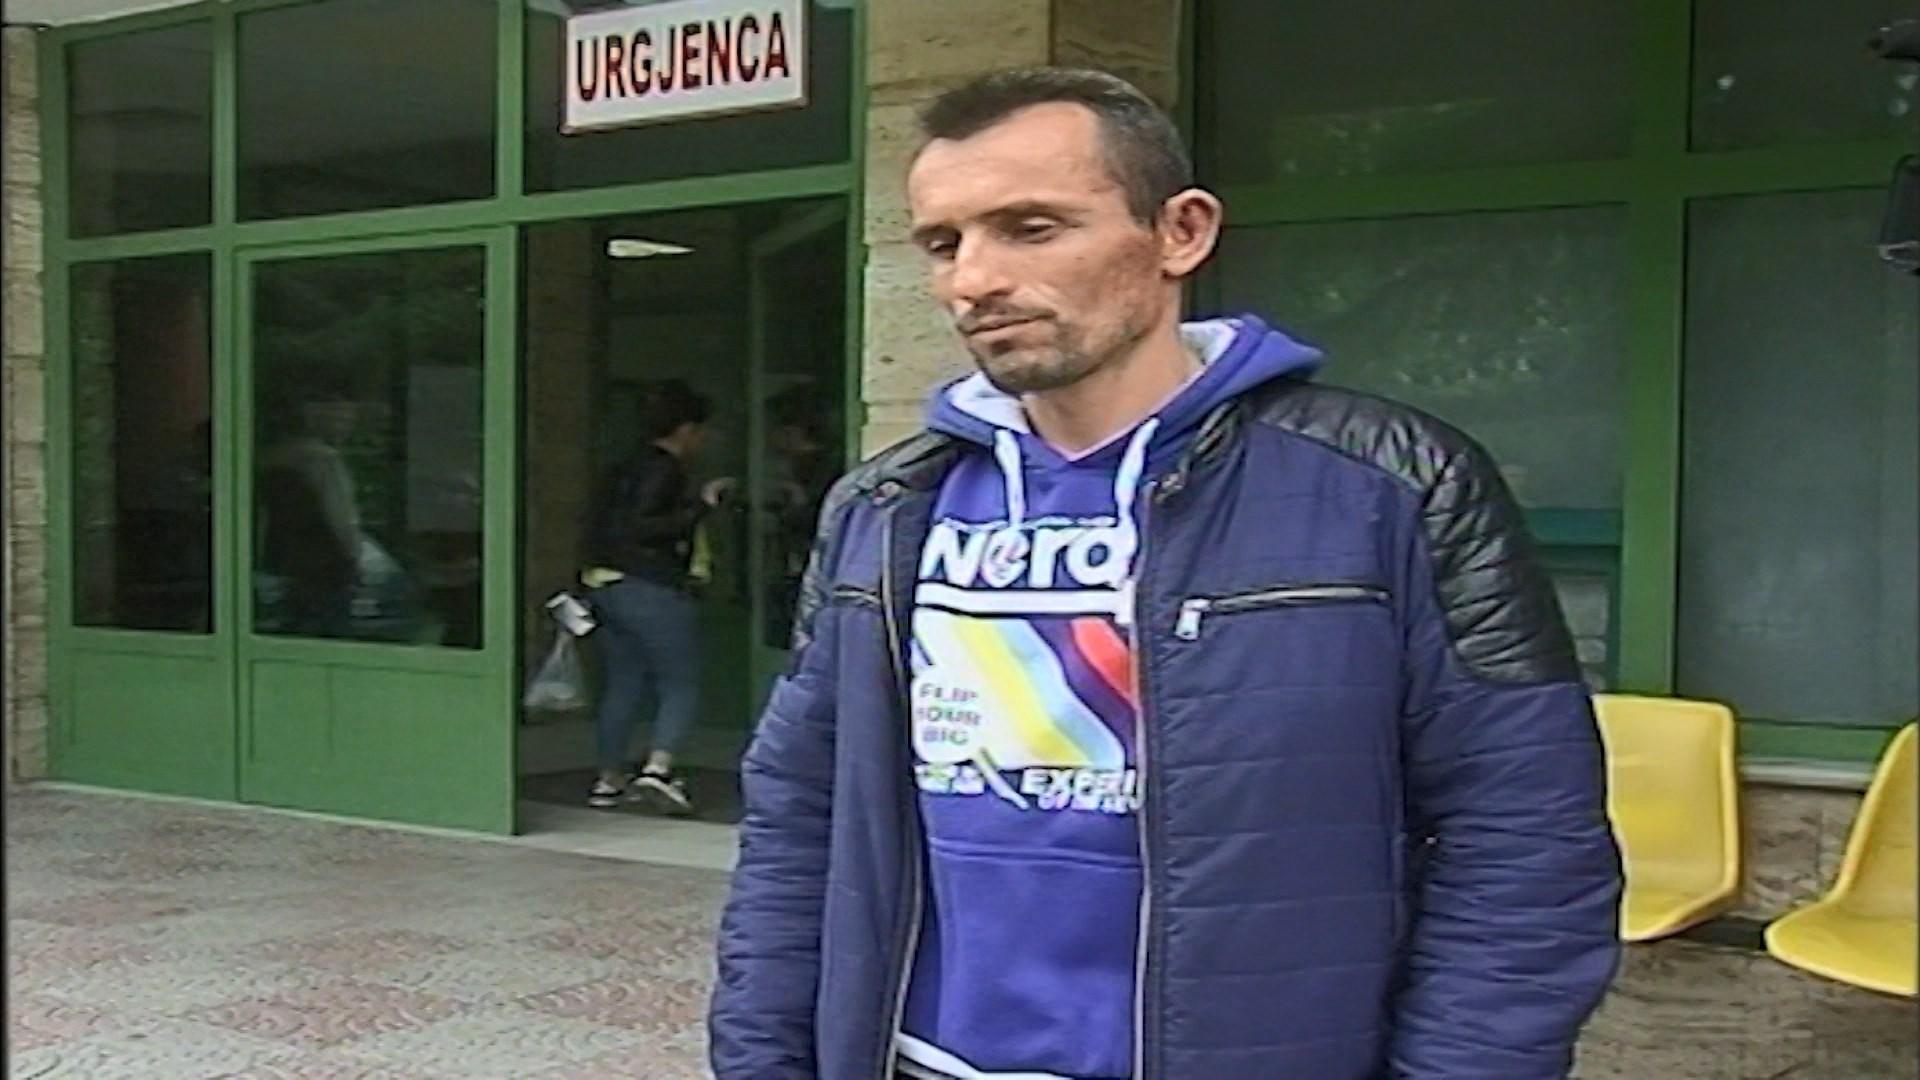 Dhunë në komisariatin e Korçës/ SHÇBA akuza për dy policë